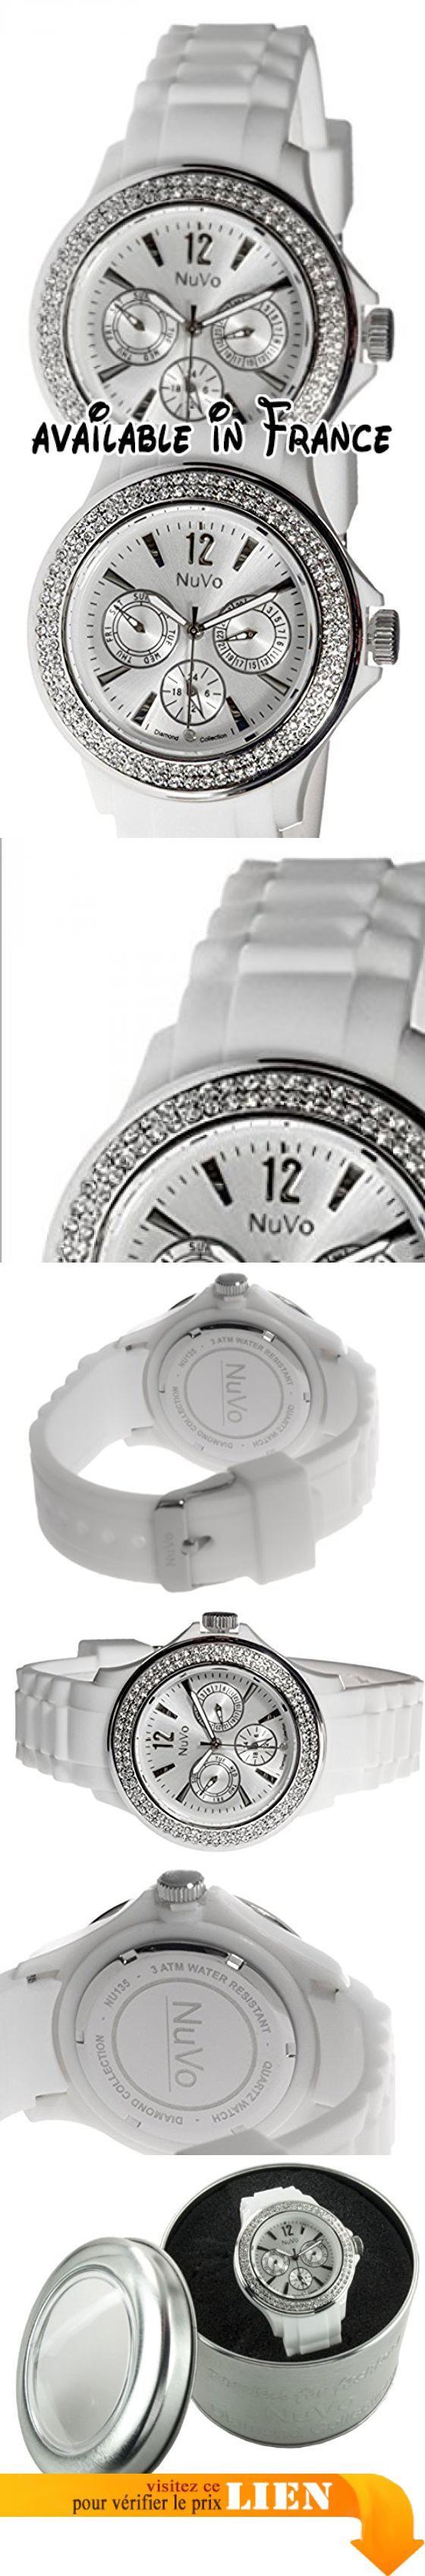 B009RGQ56G : Nuvo - NU135 - Montre Femme - Quartz - Analogique - Bracelet Silicone Blanc - Swarovski elements et diamant. Modèle obsession Diamond Collection. Type d'affichage: Analogique. Diamètre: 43 mm. Type de verre: minéral. Fonction: Jour et date. Montre en silicone blanc Trendy avec 120 éléments Swarovski. Un vrai diamant orne la position 6 de la montre. 001 carats de diamants. Bracelet en silicone confortable avec fermoir à boucle ardillon. Garantie de 2 ans